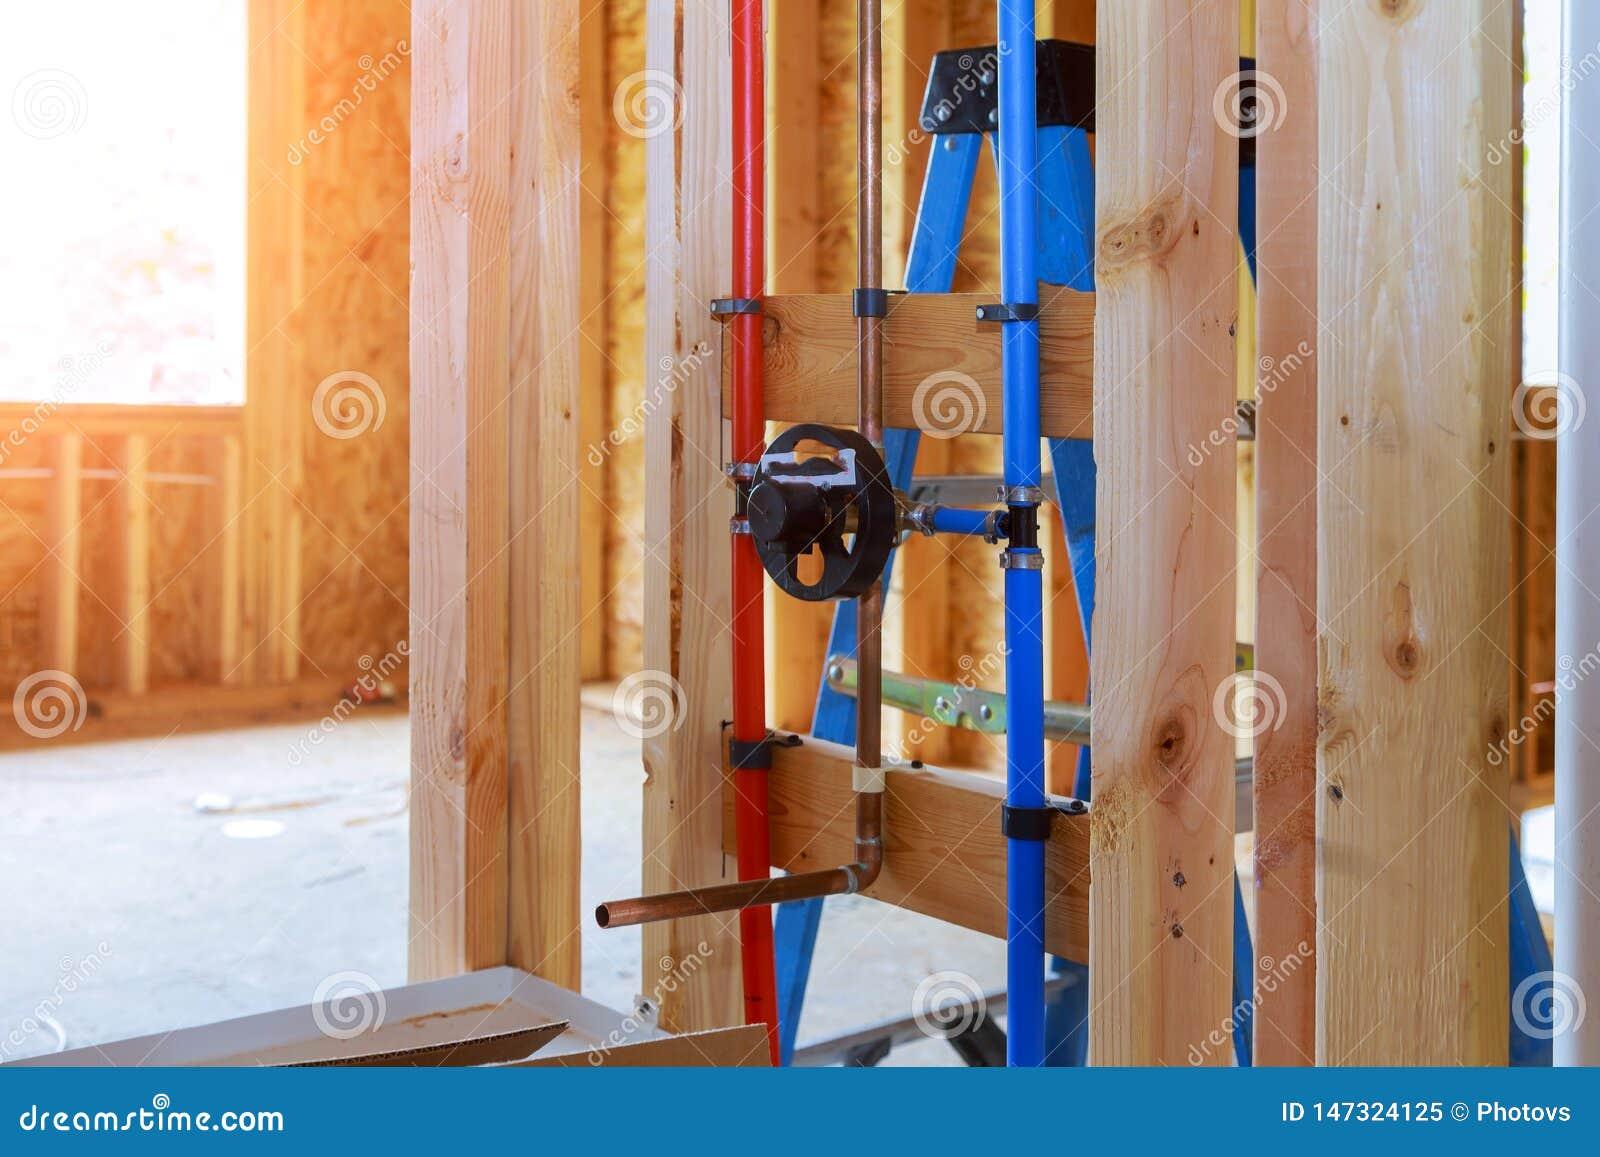 Новый домашний трубопровод внутри рамки дома под интерьером конструкции